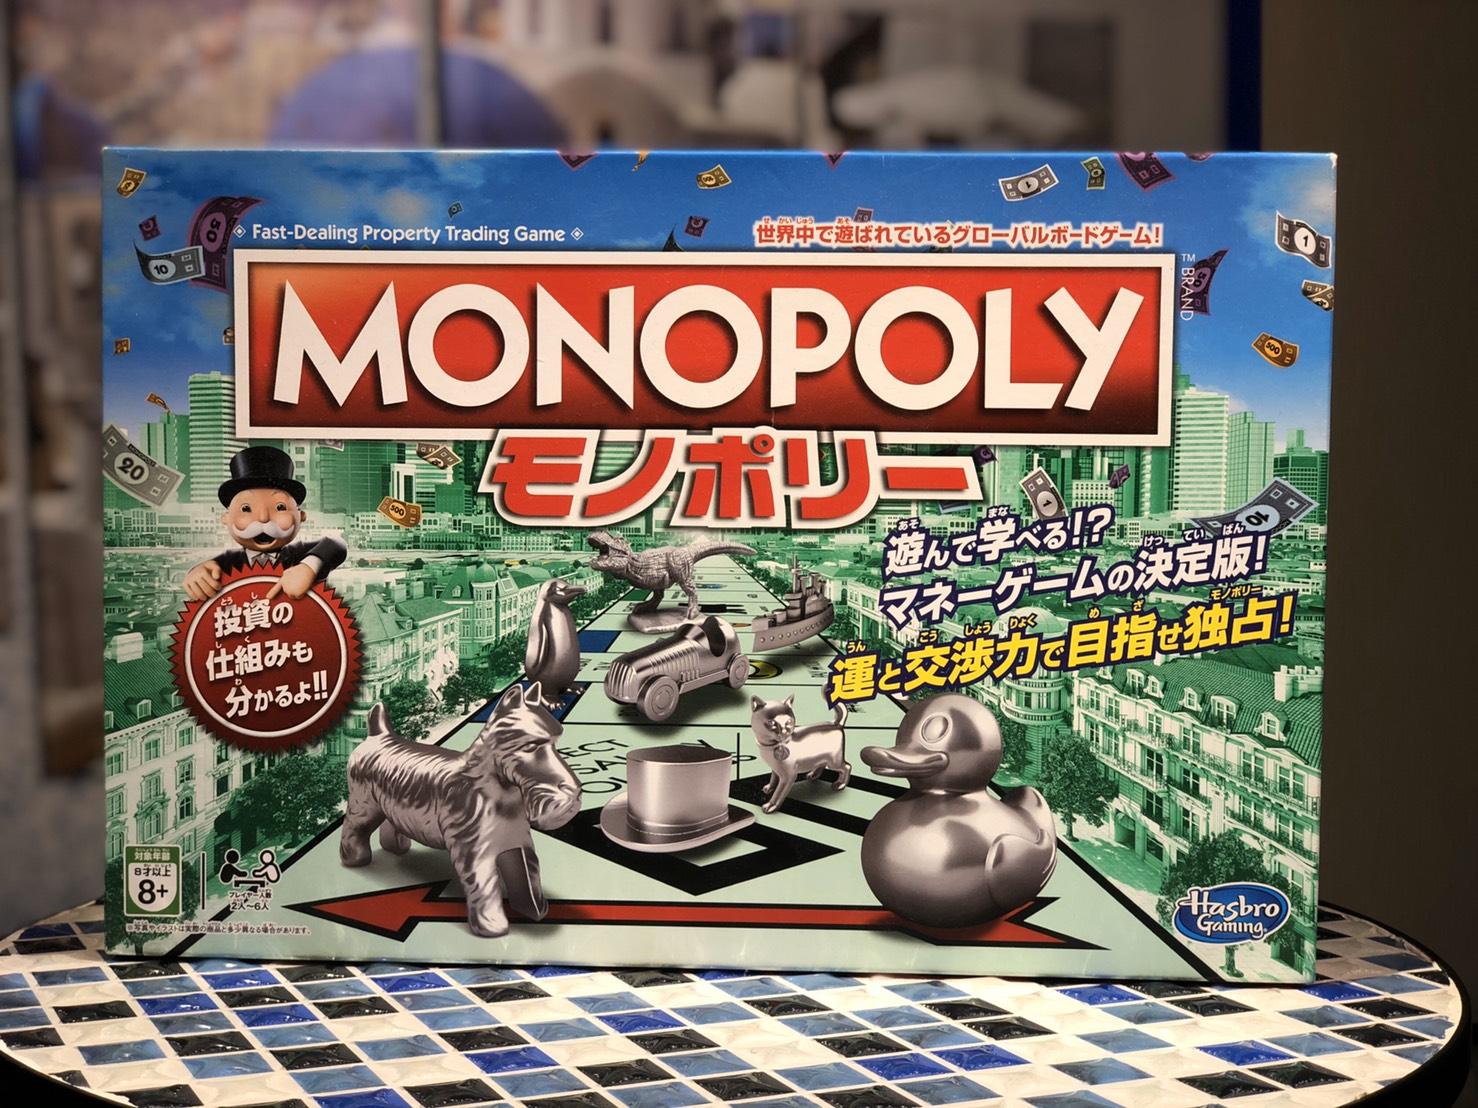 ミコノスカフェのボードゲームのご案内 ☆モノポリー☆(保土ヶ谷駅前)